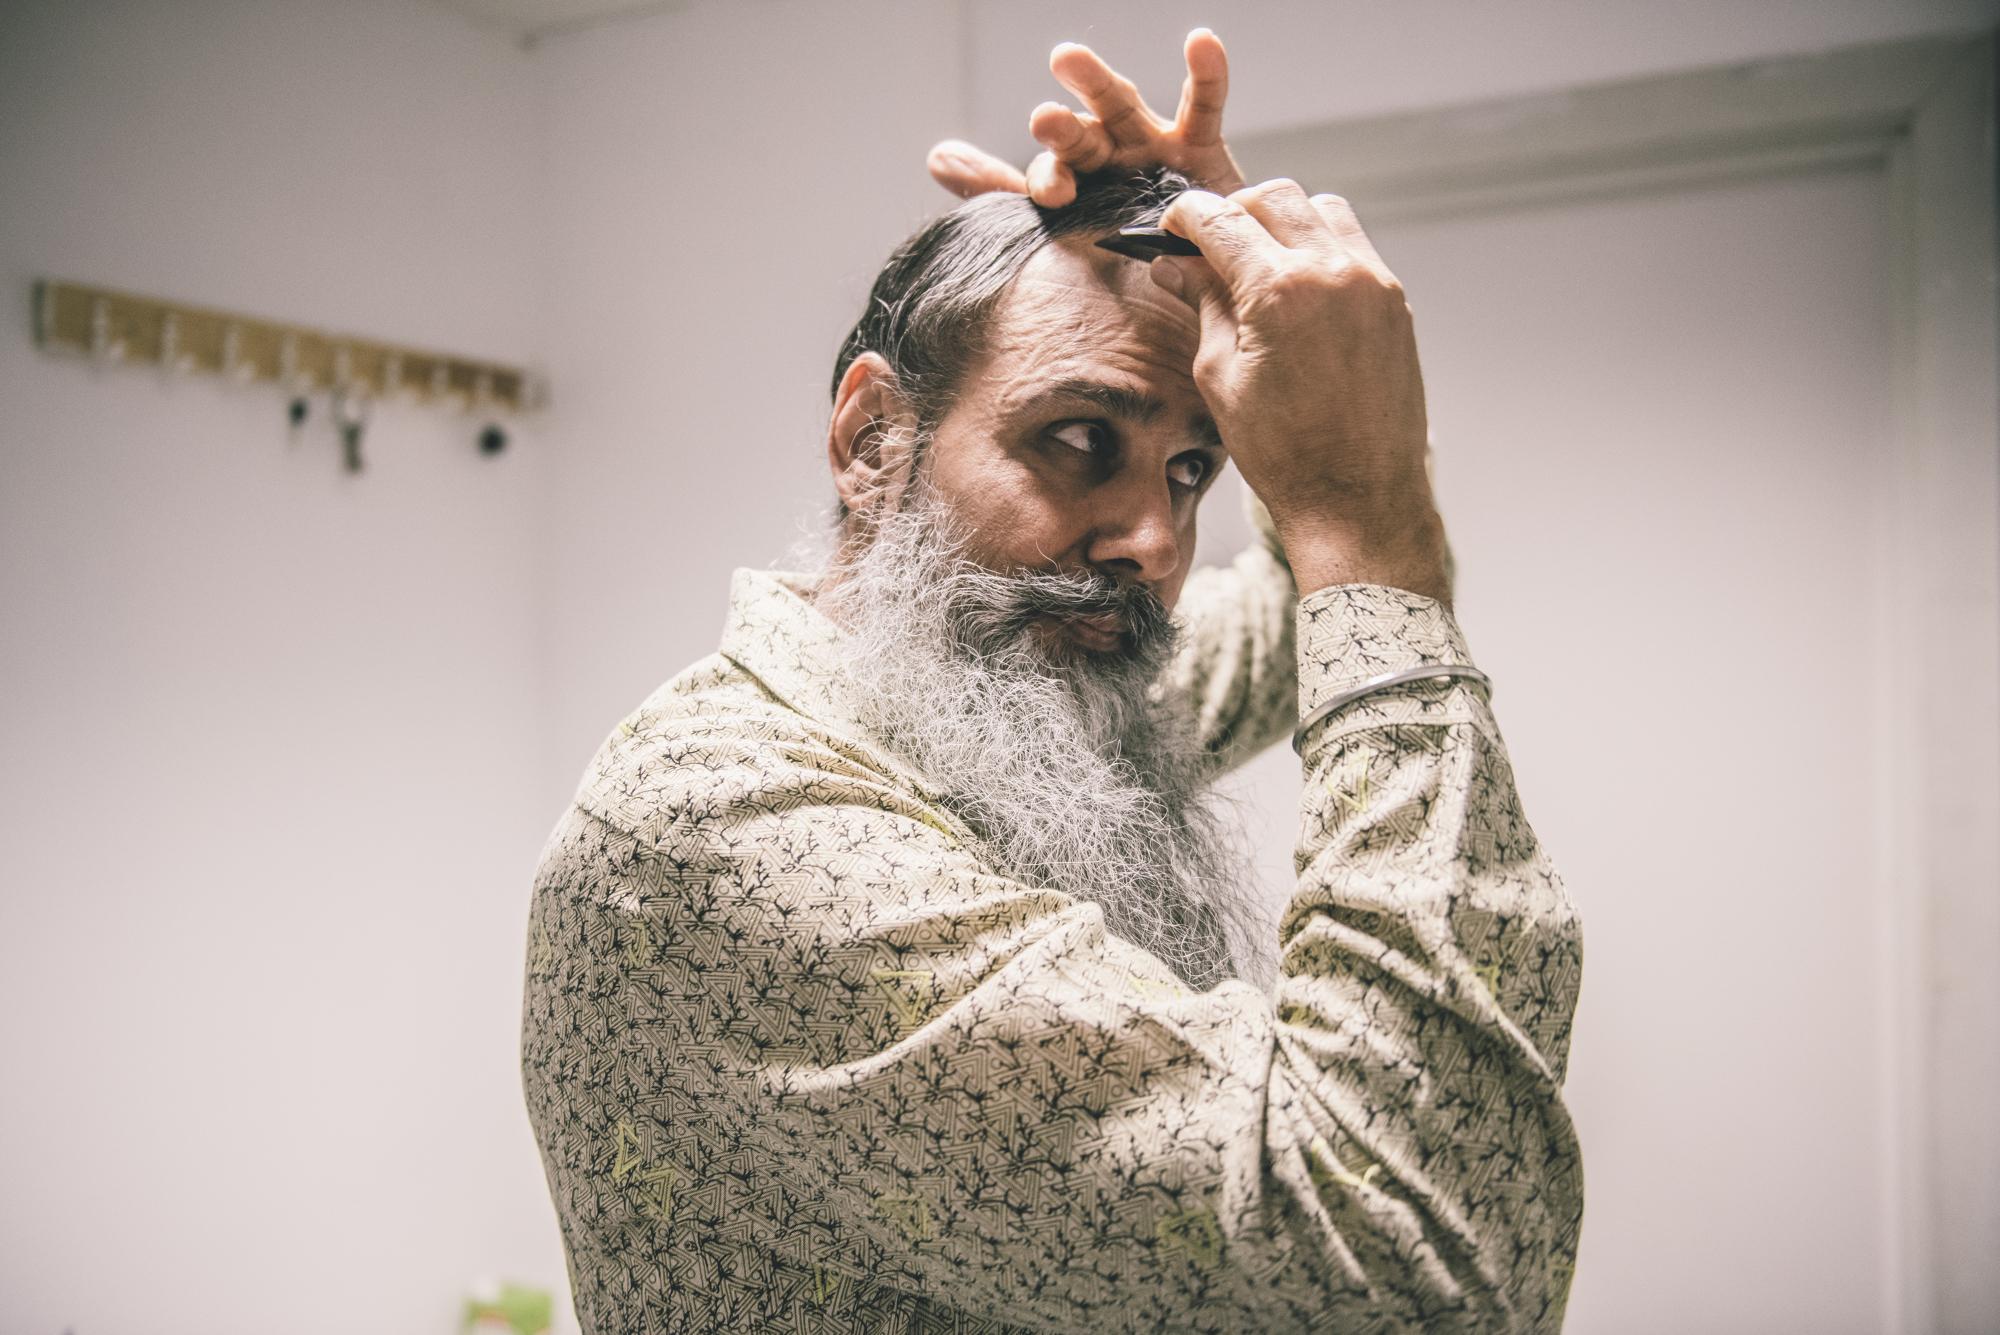 En sikh som plasserer Kangaen (kammen) sin i håret før han knytter turbanen på.